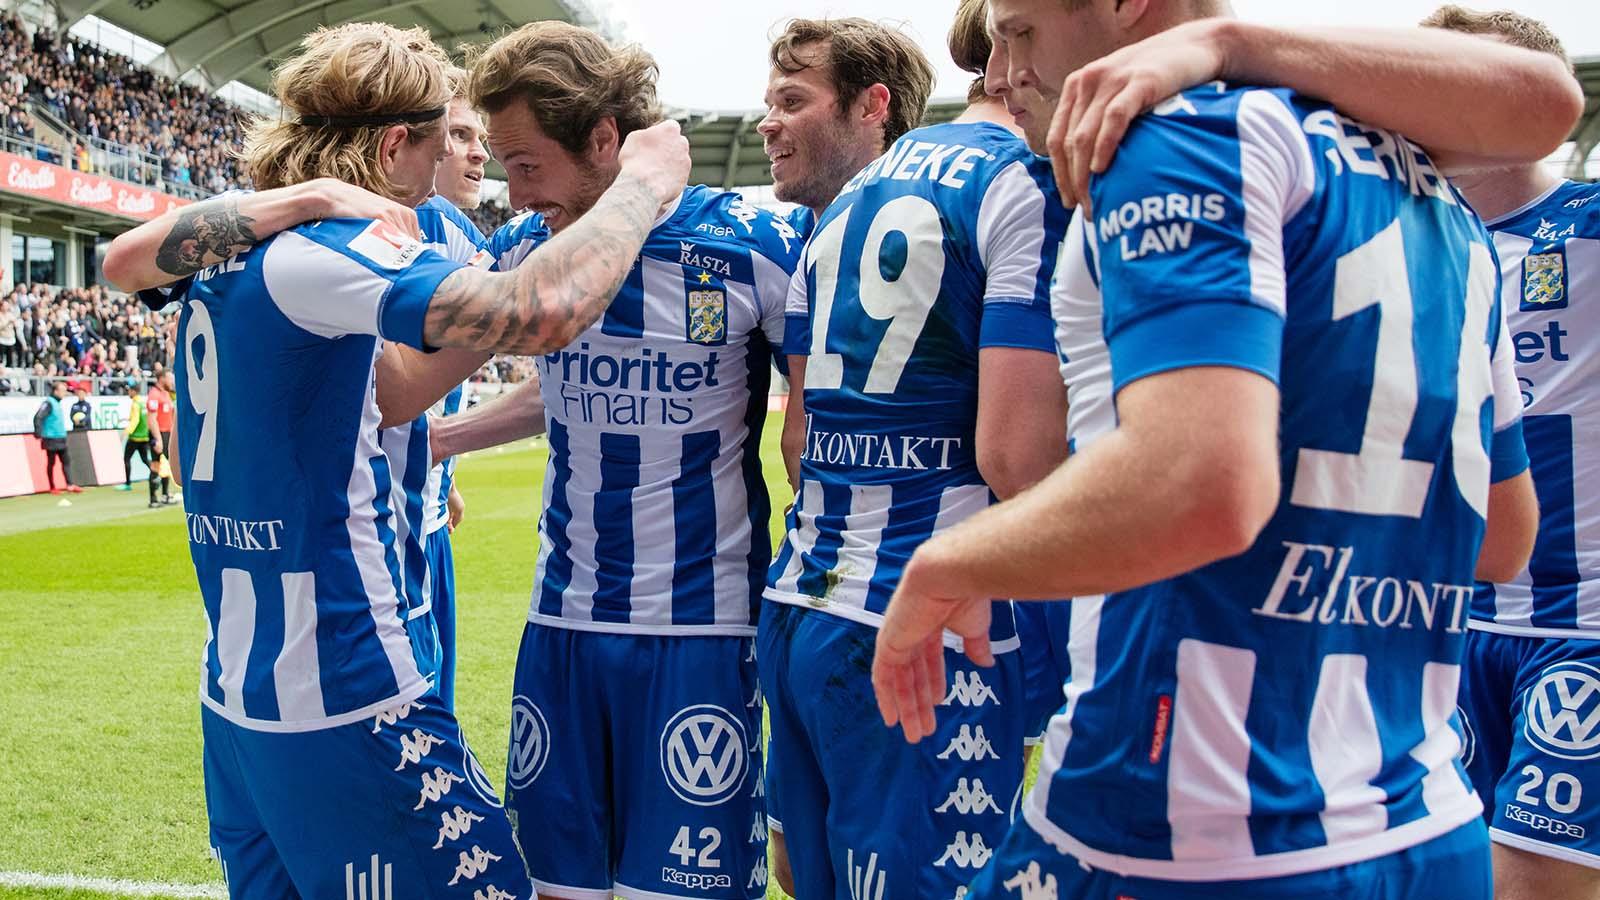 180428 IFK Göteborg firar Elias Mar Omarssons 2-0 mål under fotbollsmatchen i allsvenskan mellan IFK Göteborg och Häcken den 28 april 2018 i Göteborg. Foto: Michael Erichsen / BILDBYRÅN / Cop 89